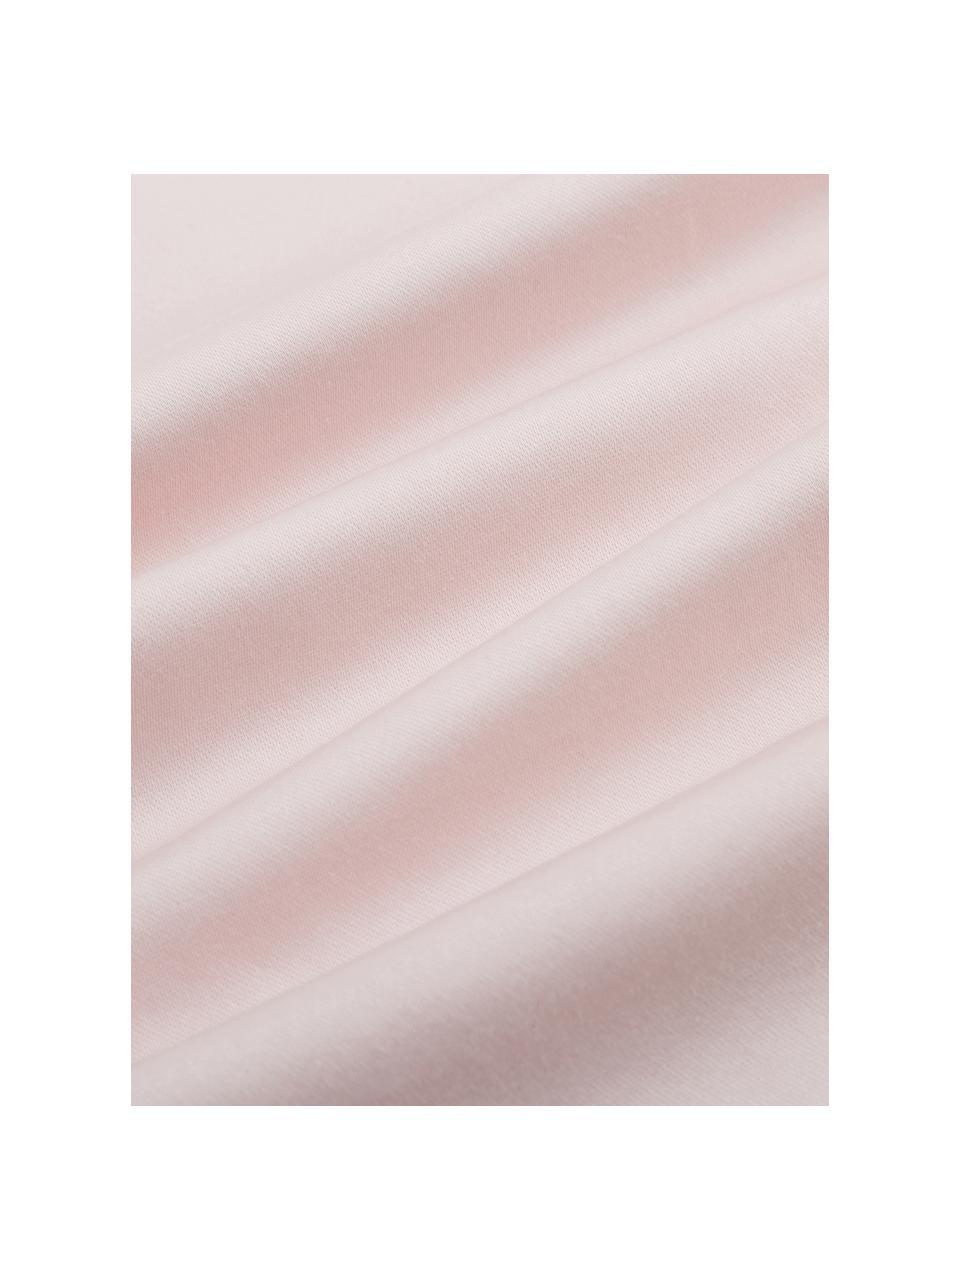 Spannbettlaken Premium aus Bio-Baumwolle in Rosa, Satin, Webart: Satin Fadendichte 400 TC,, Rosa, 180 x 200 cm